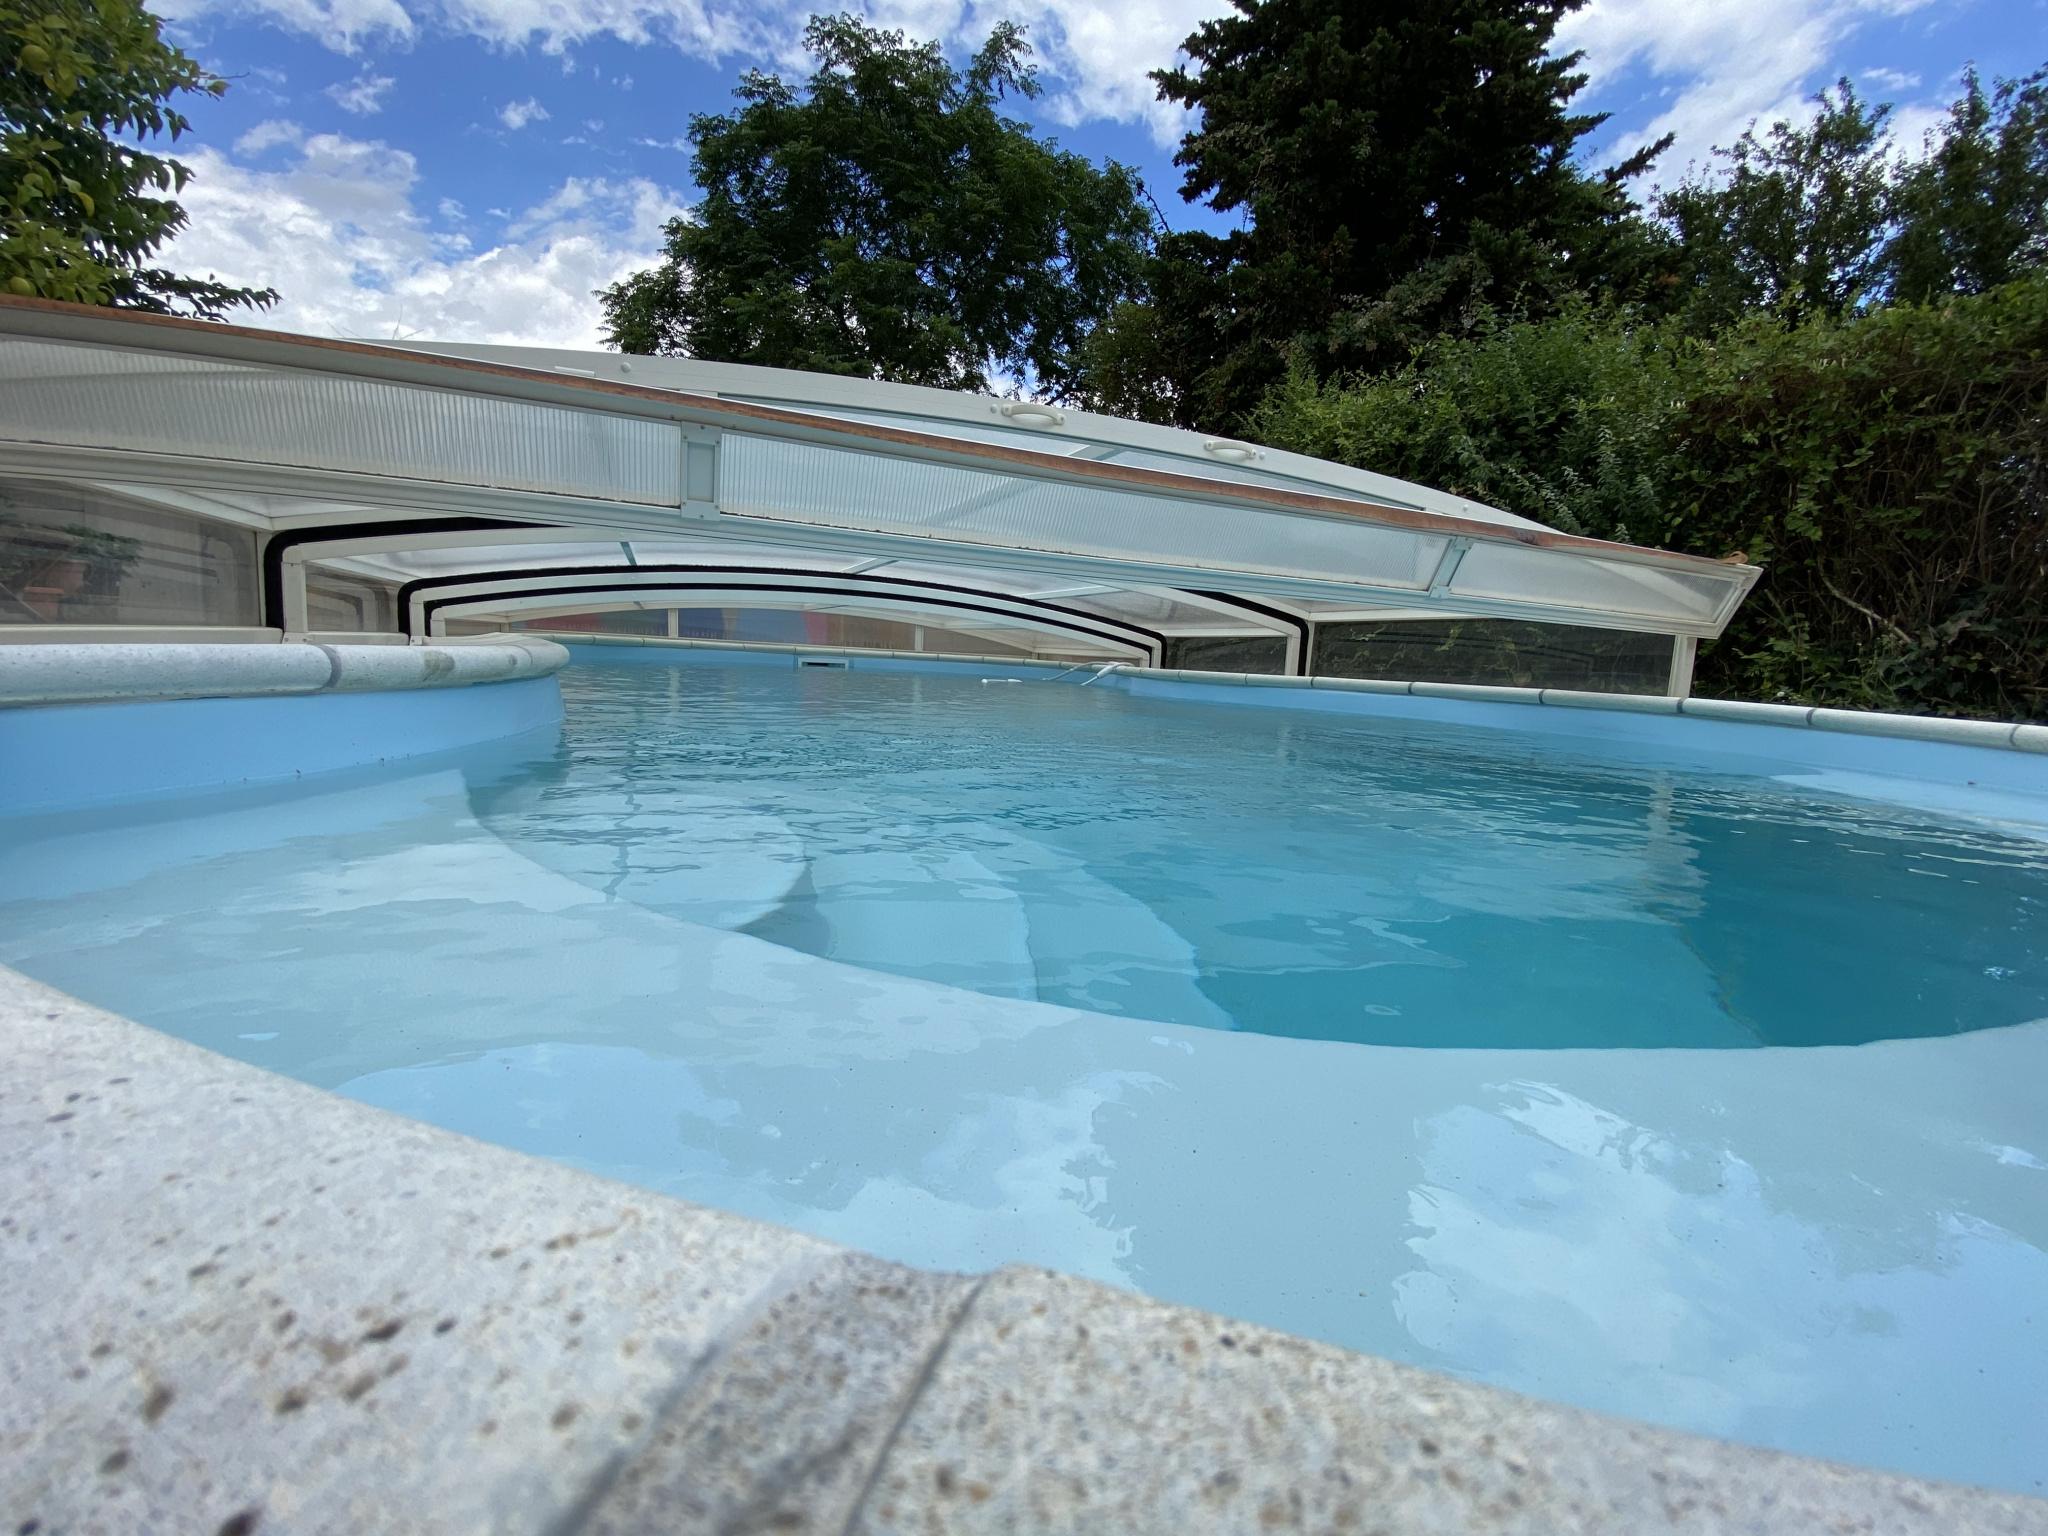 À vendre maison/villa de 90m2 à st genis des fontaines (66740) - Photo 1'